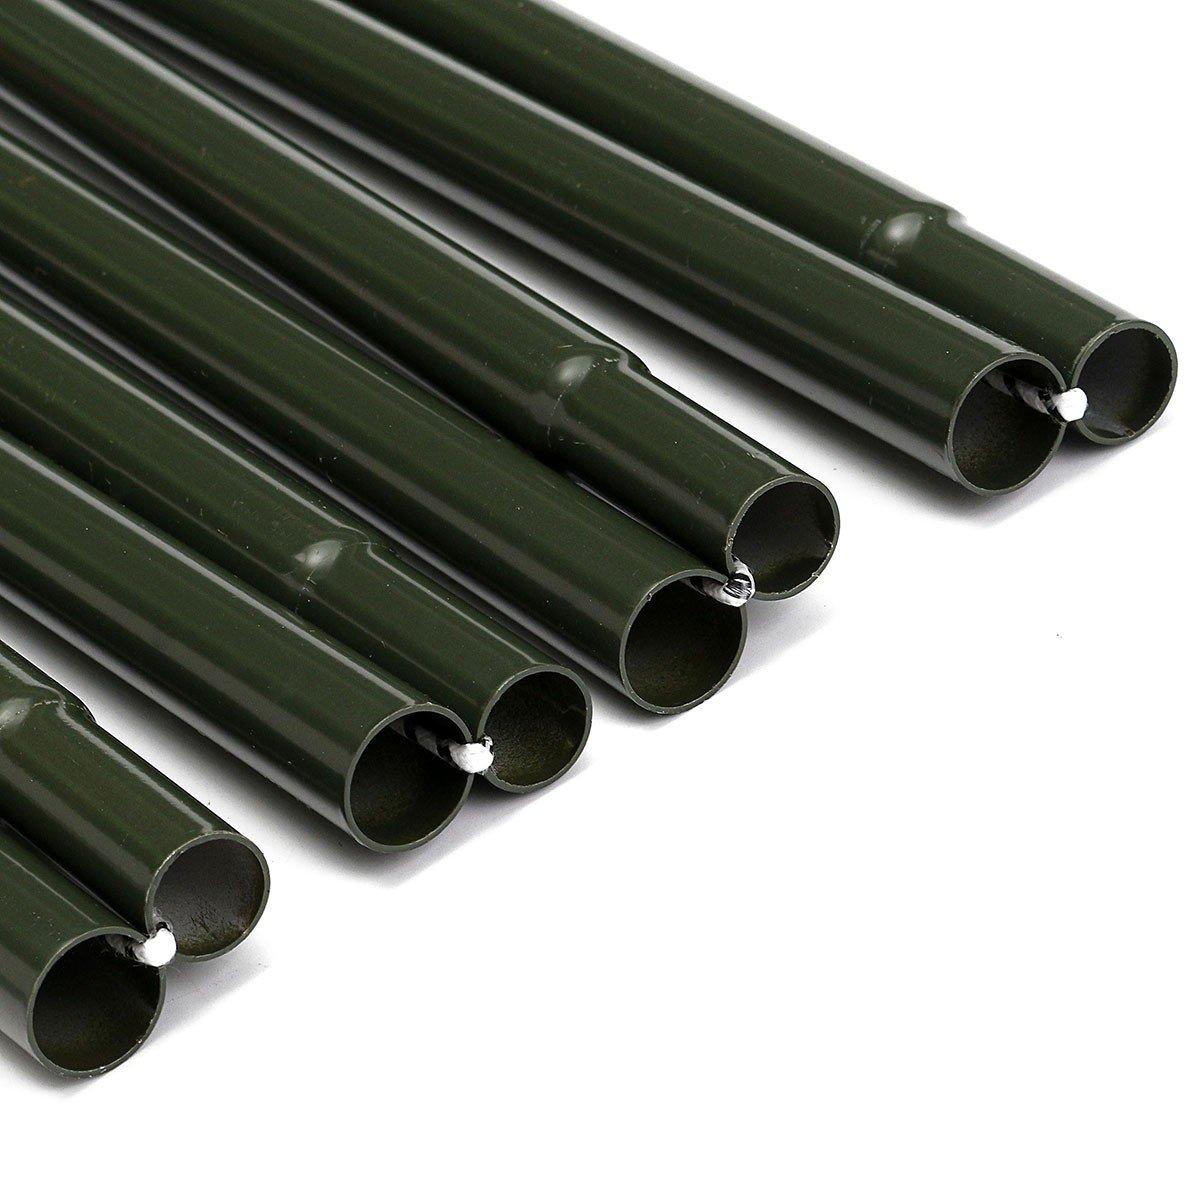 QIZIANG 22m Aluminiumlegierung Markisenstange Außenzelt Stützstange Halter Sun Sun Sun Shelter Polen Hot B07Q7PX3MS | Gewinnen Sie hoch geschätzt  08b405